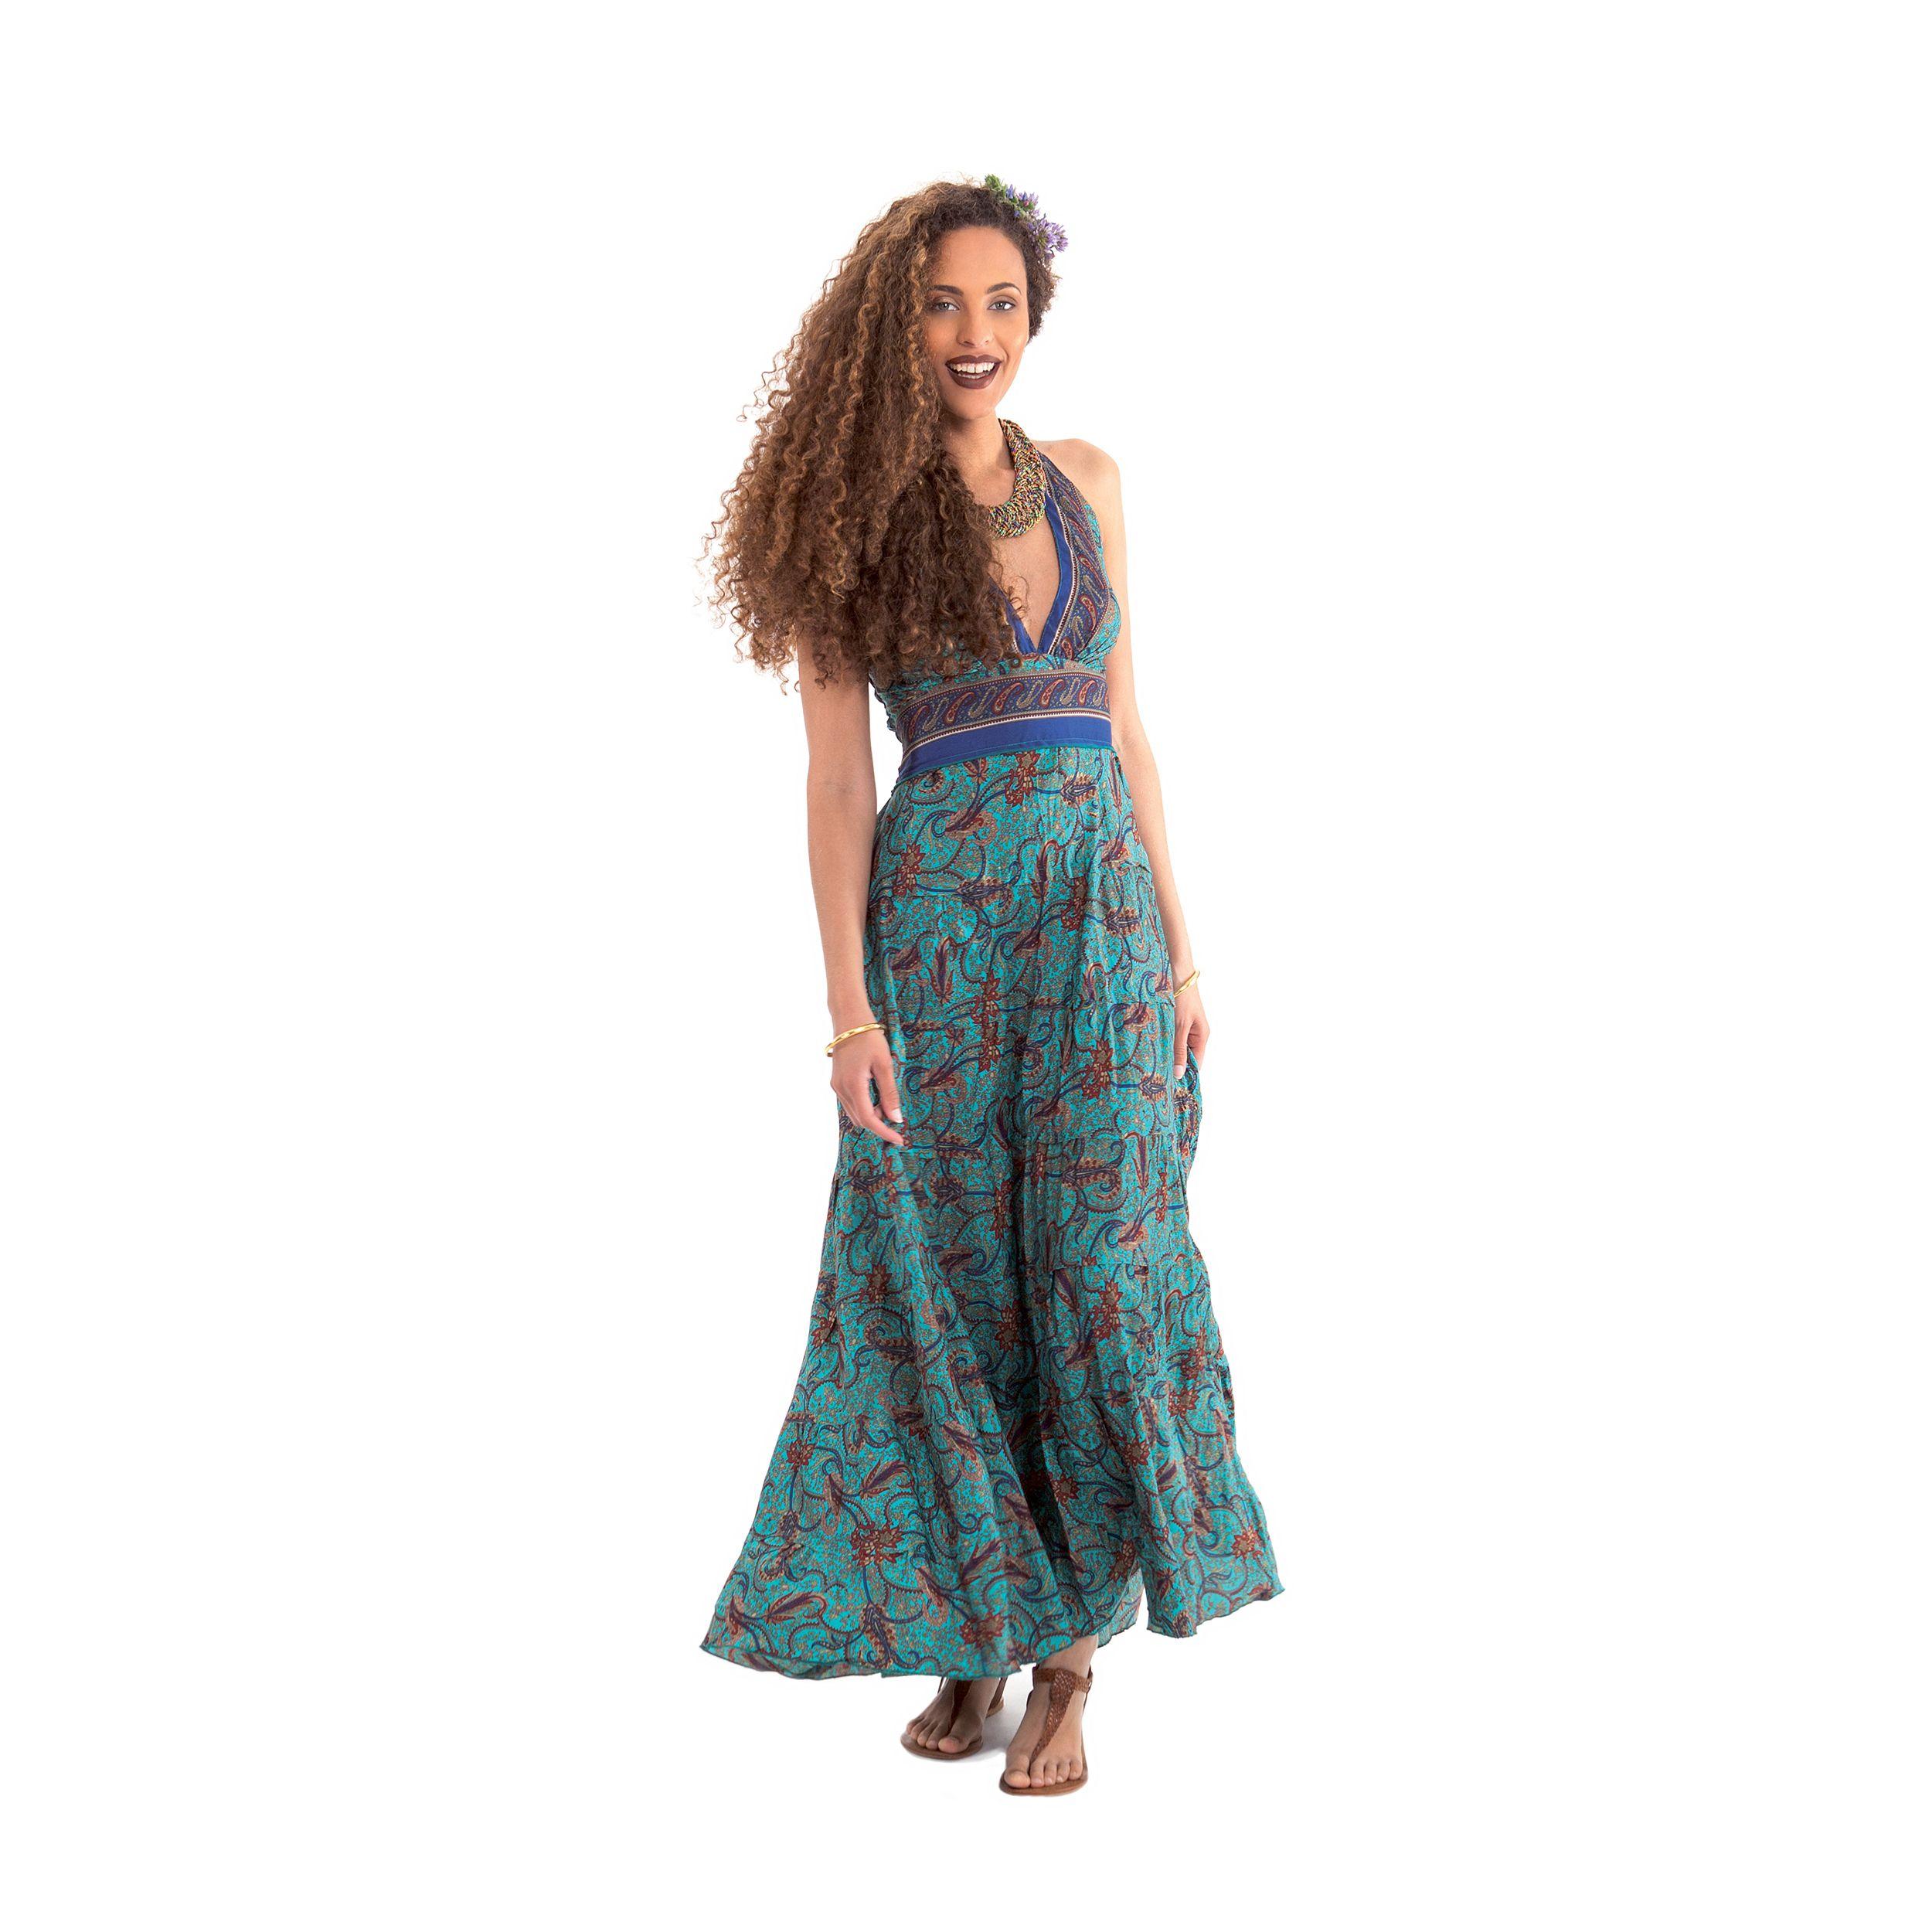 la robe longue d 39 t tour de cou originale et color e lasmy turquoise trouvera facilement sa. Black Bedroom Furniture Sets. Home Design Ideas